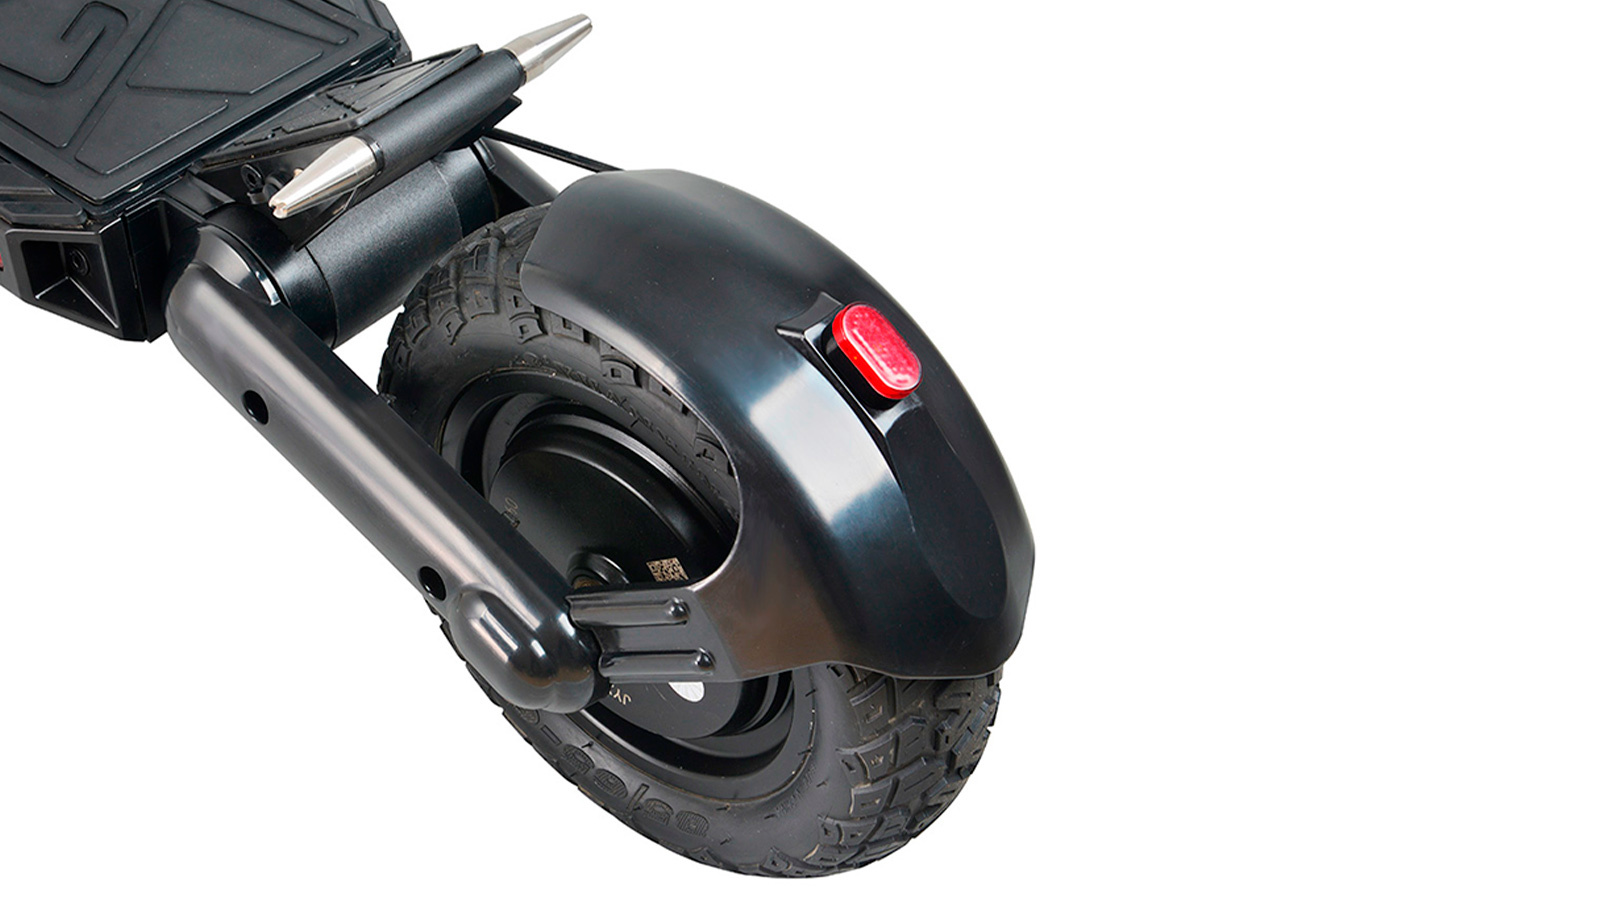 заднее колесо электросамоката Kugoo G2 Pro